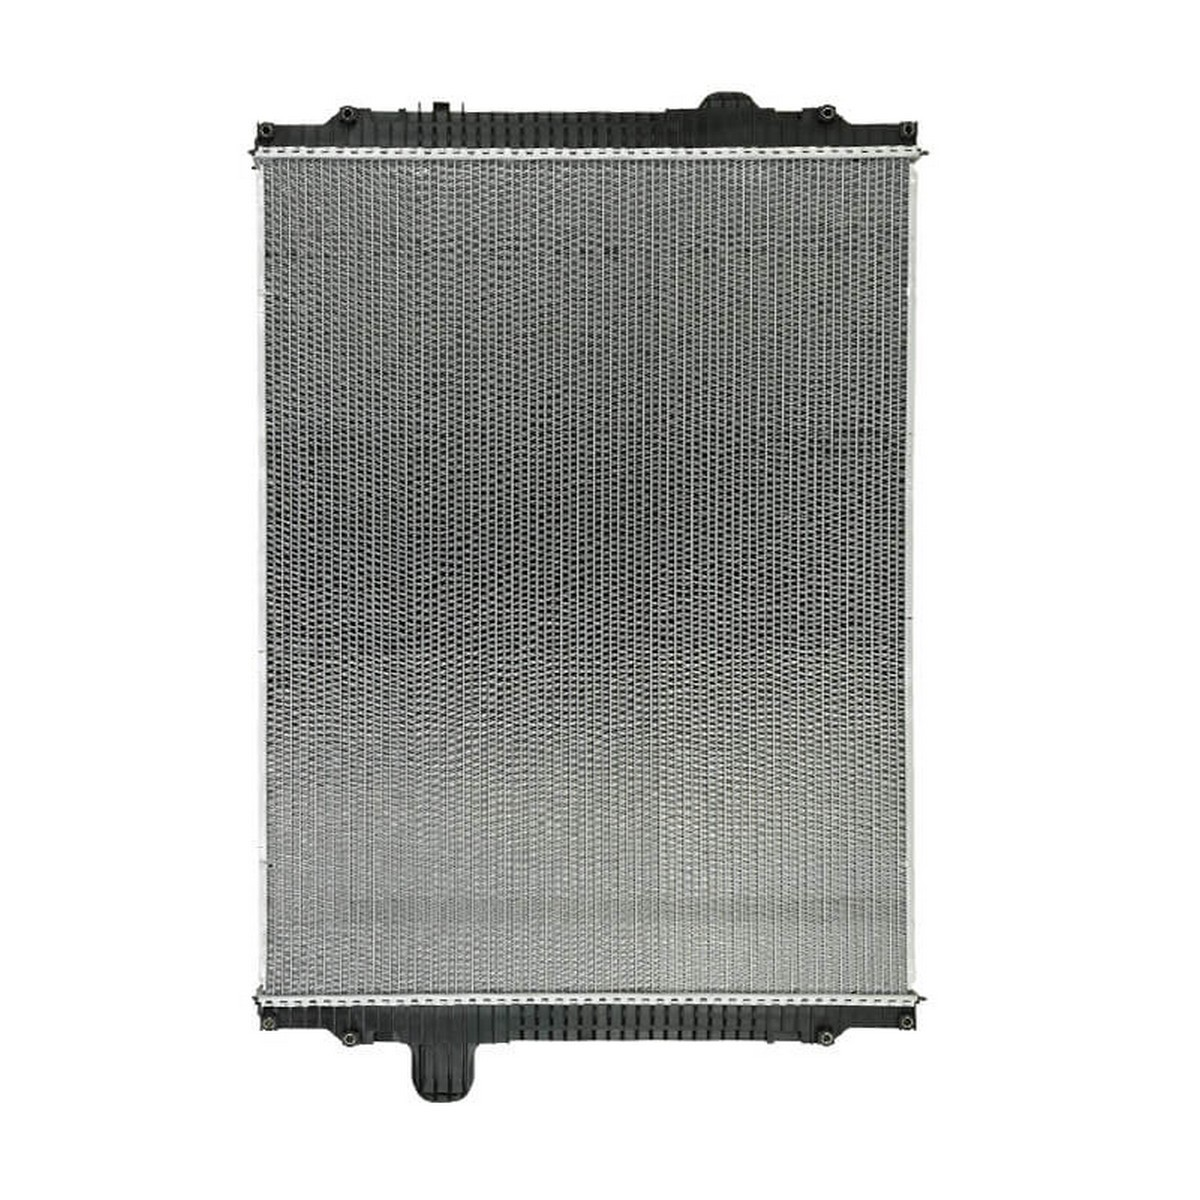 kenworth t660 07 13 radiator oem f3160881101120 5